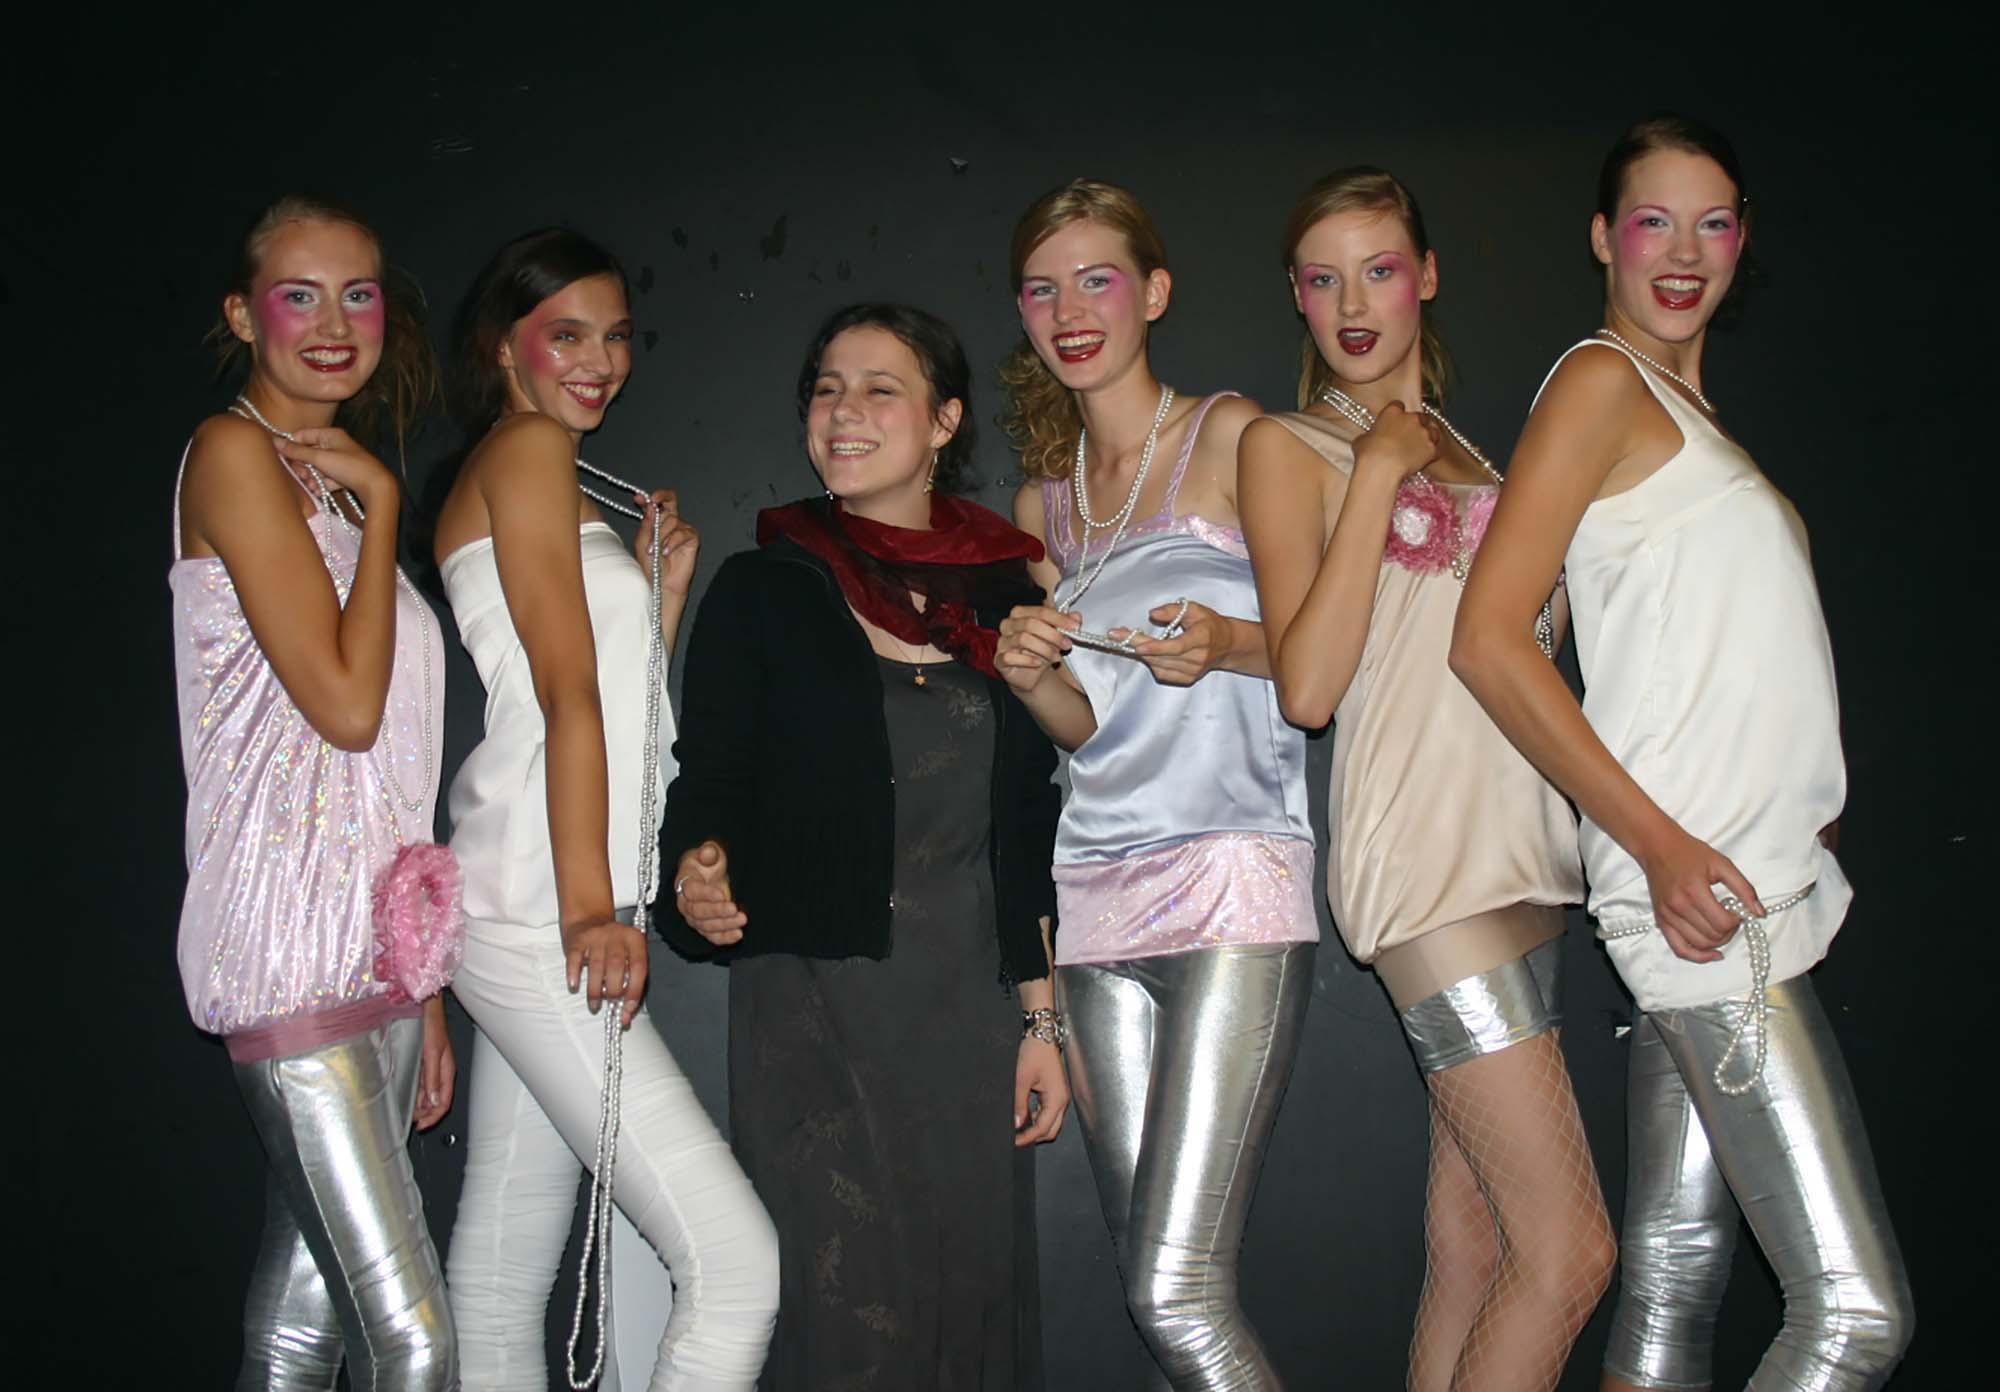 עיצוב אופנה של לאה לאוקשטיין. עבודת גמר בתיעון בריגה. צילום מהאלבום נמשפחתי